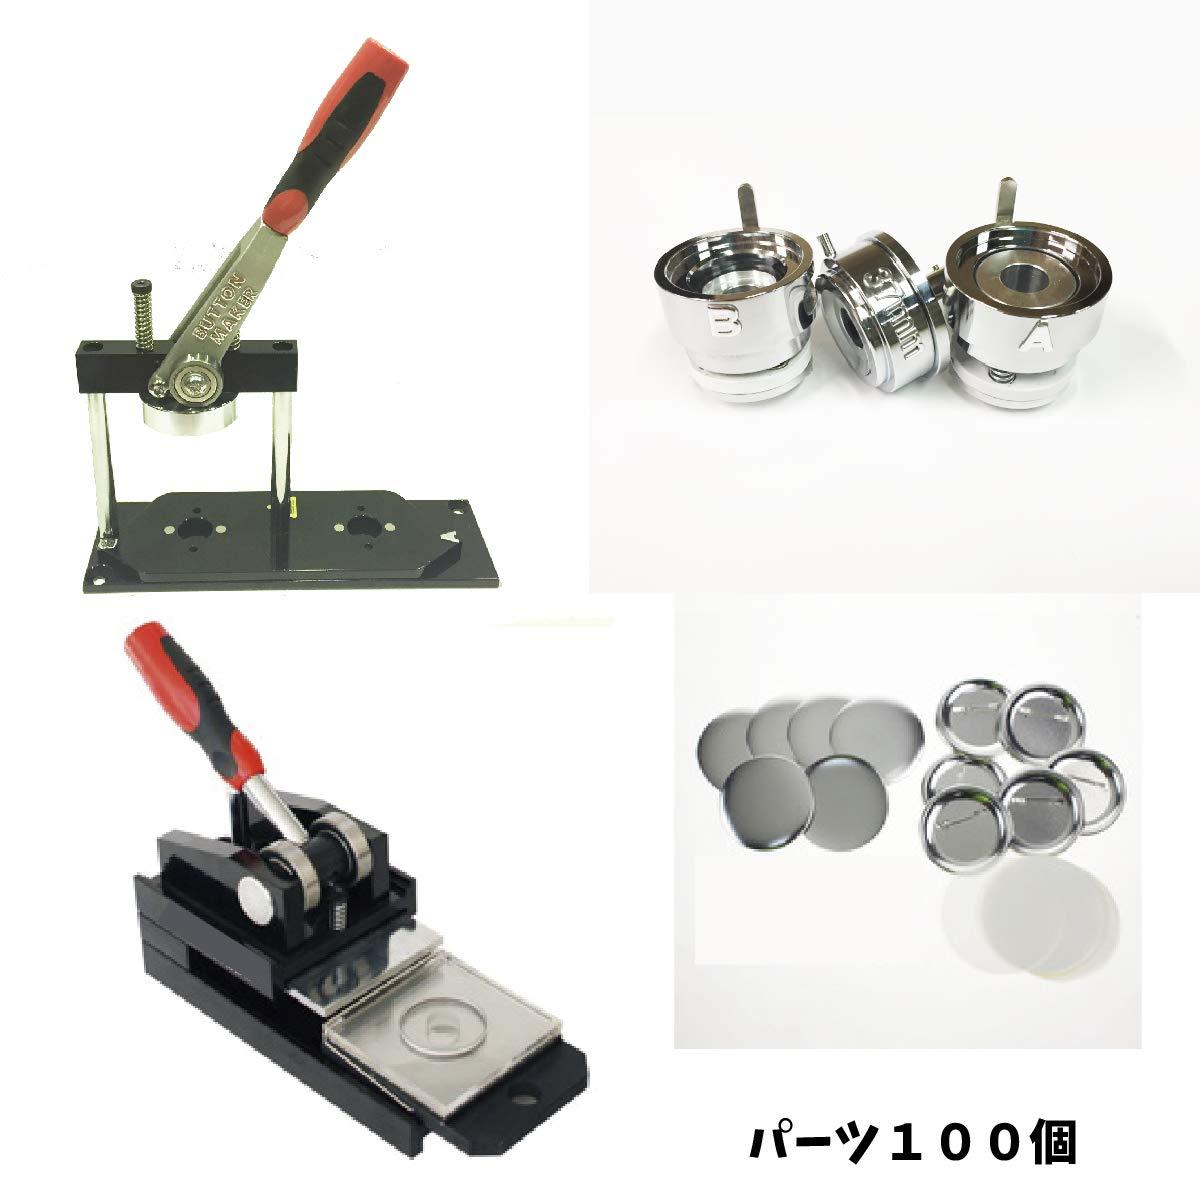 缶 バッジ マシーン 37mm プロ 仕様 自作 業務用 まとめ切り 出来る プレス カッター 付き(ニプリ)   B07NLCX9DR